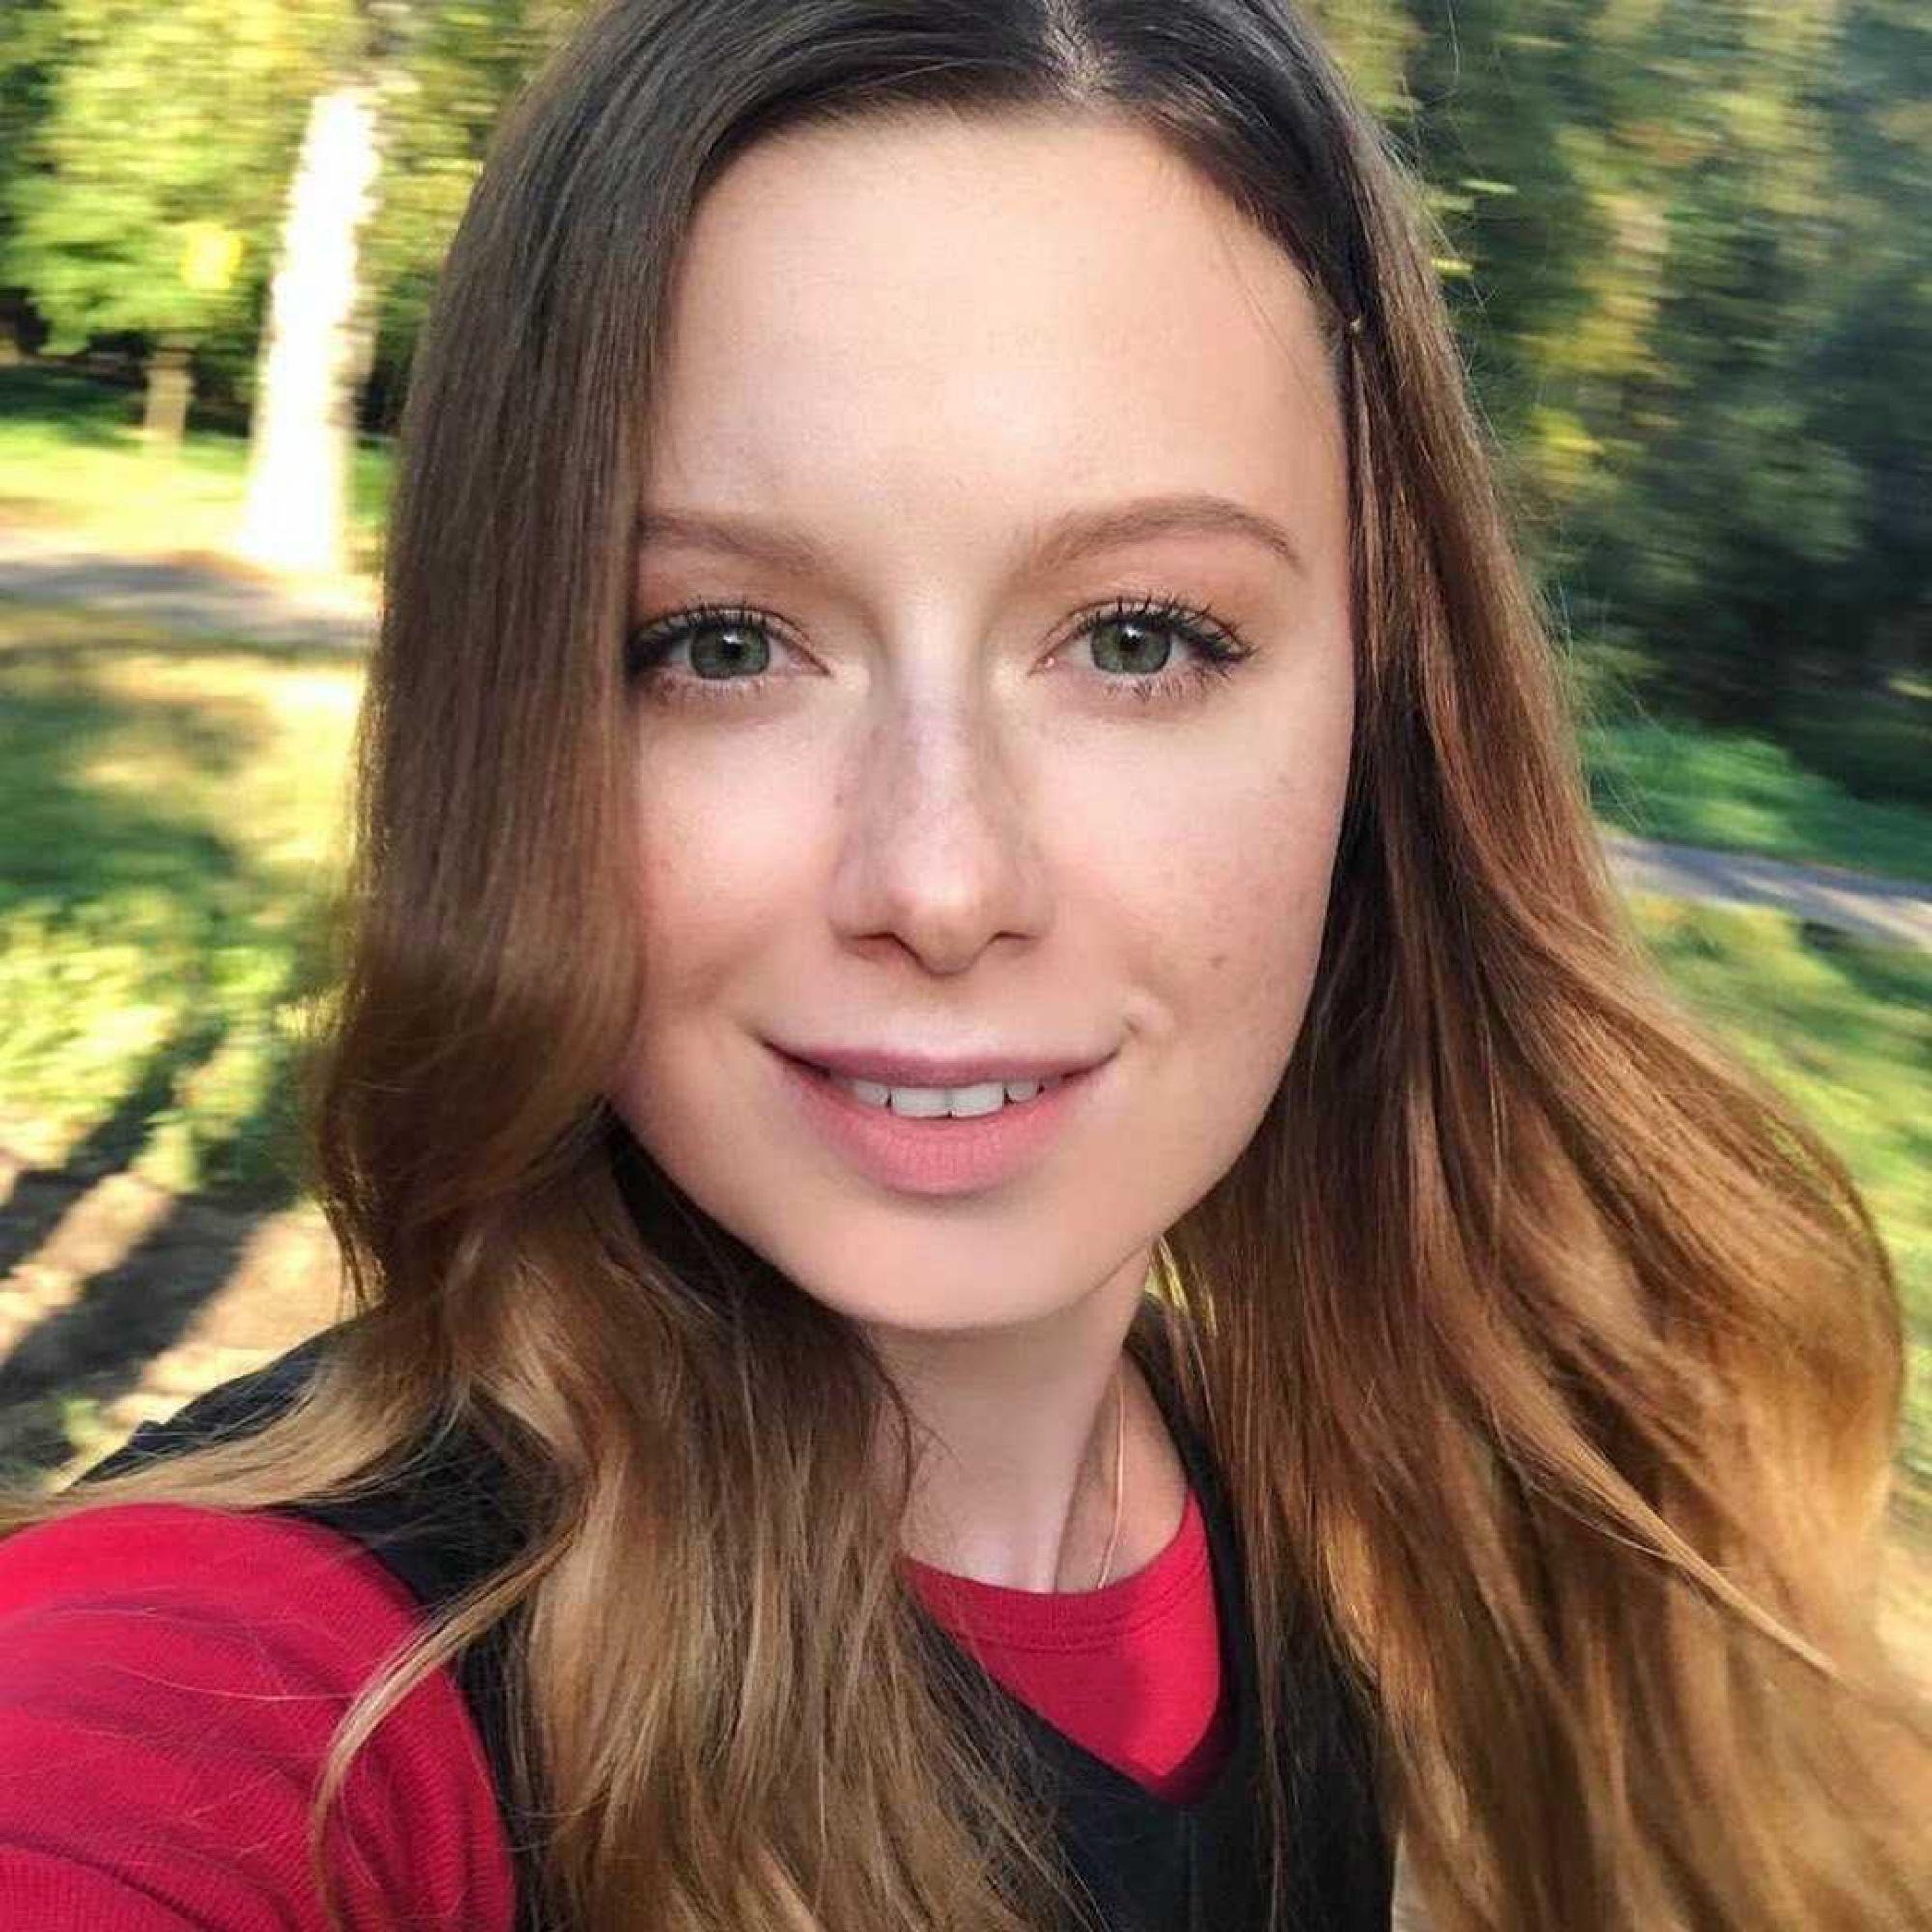 Фанаты назвали Юлию Савичева доброй рыжей ведьмой